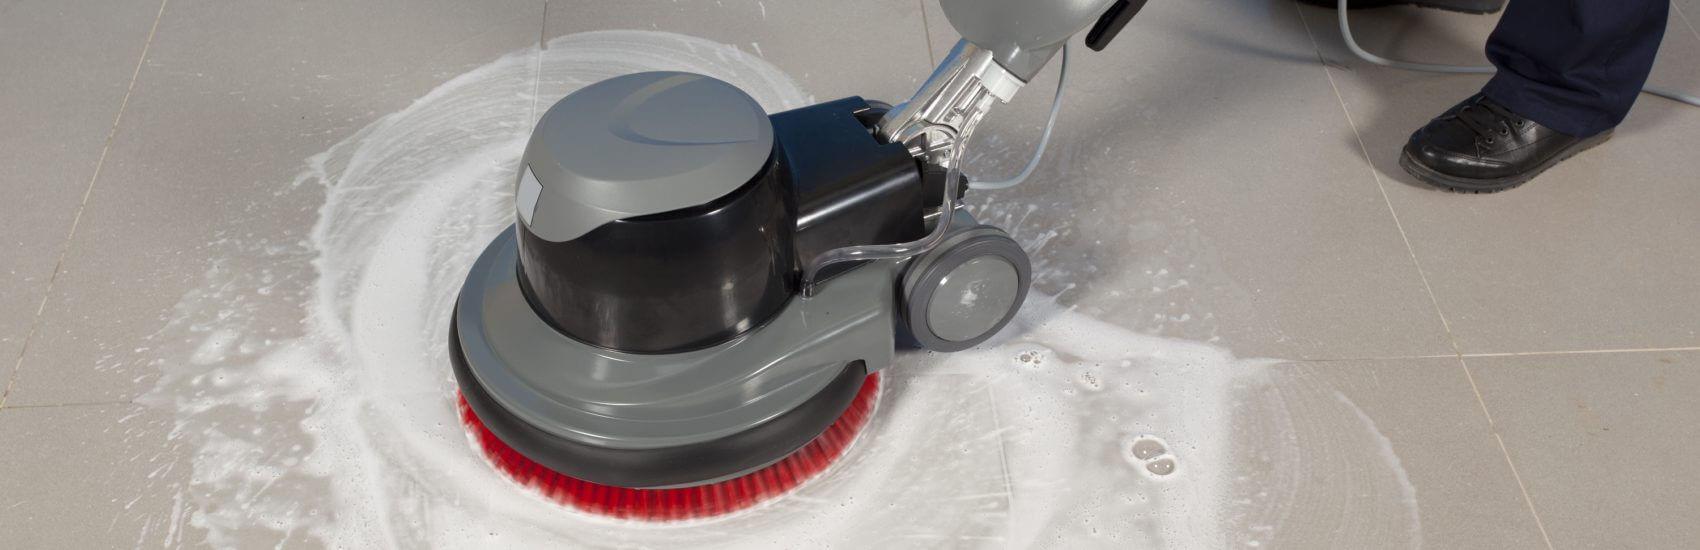 Reinigen van vloeren: professioneel vloeronderhoud door Schilten Schoonmaak uit Dordrecht